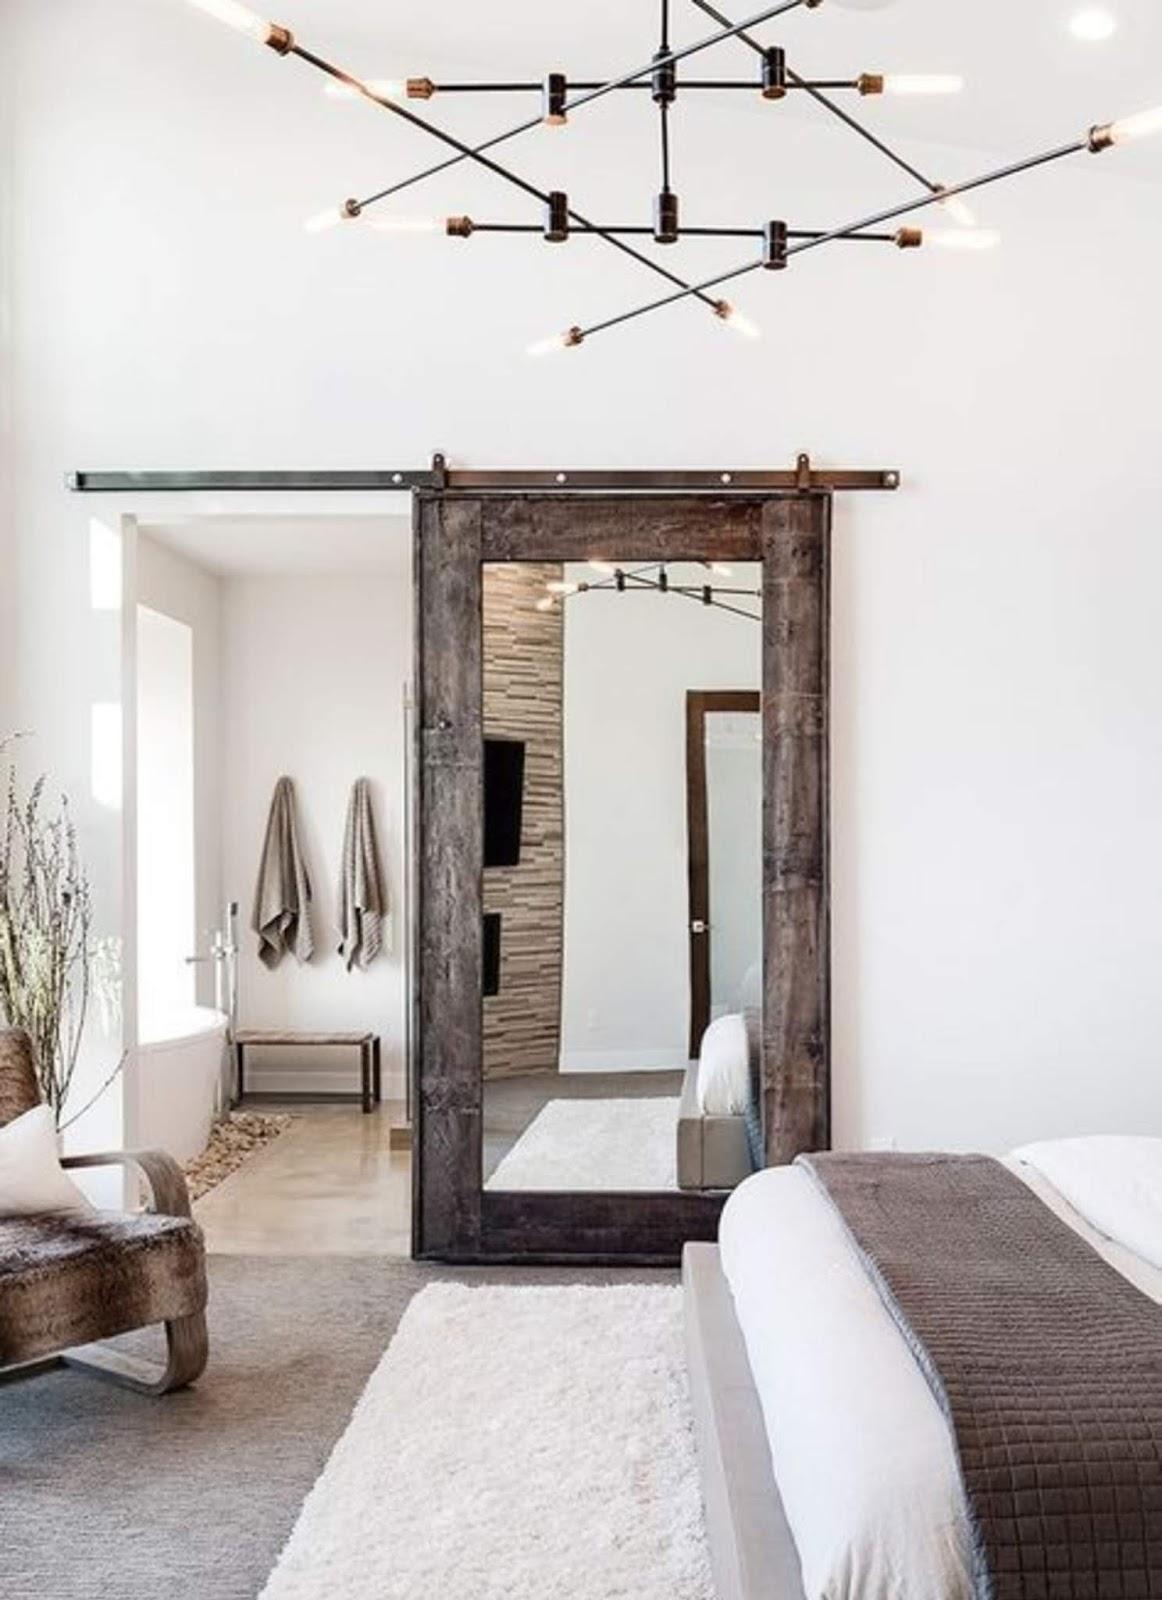 incredible home decor idea with a mirror